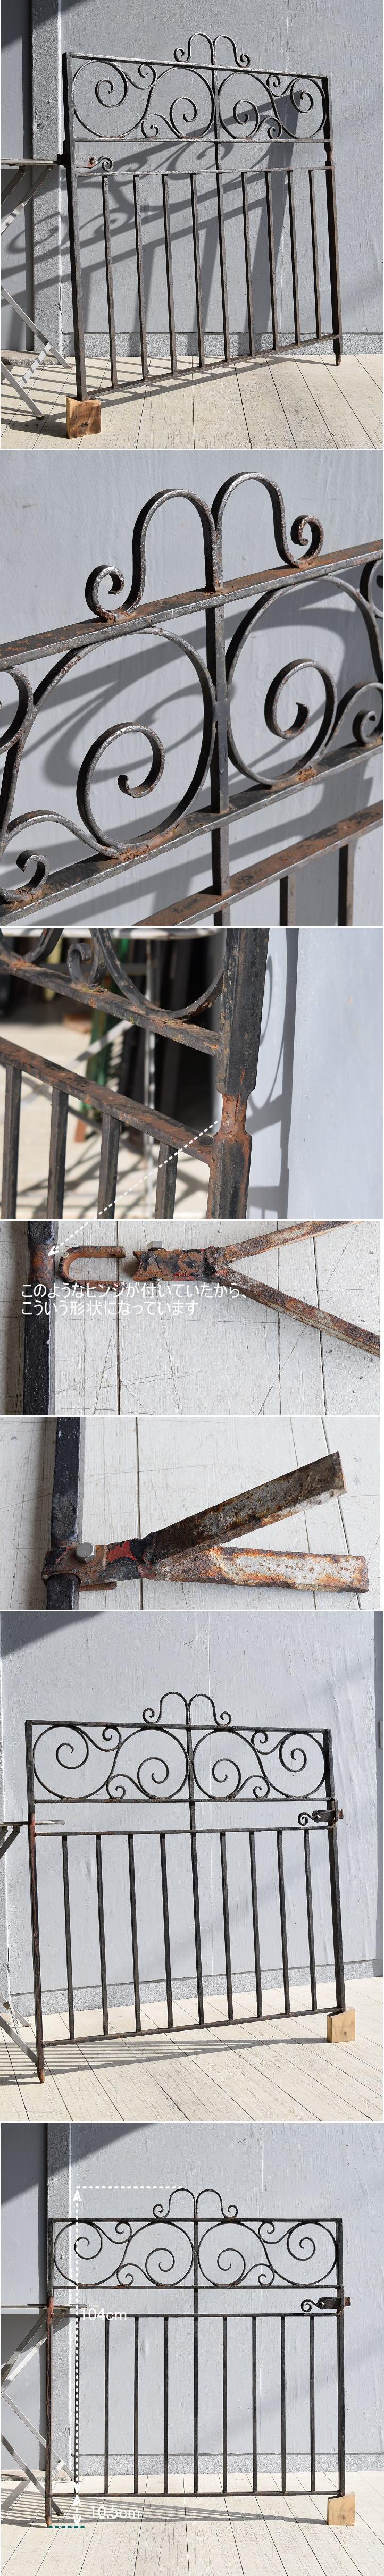 イギリス アンティーク アイアンフェンス ゲート柵 ガーデニング 7927